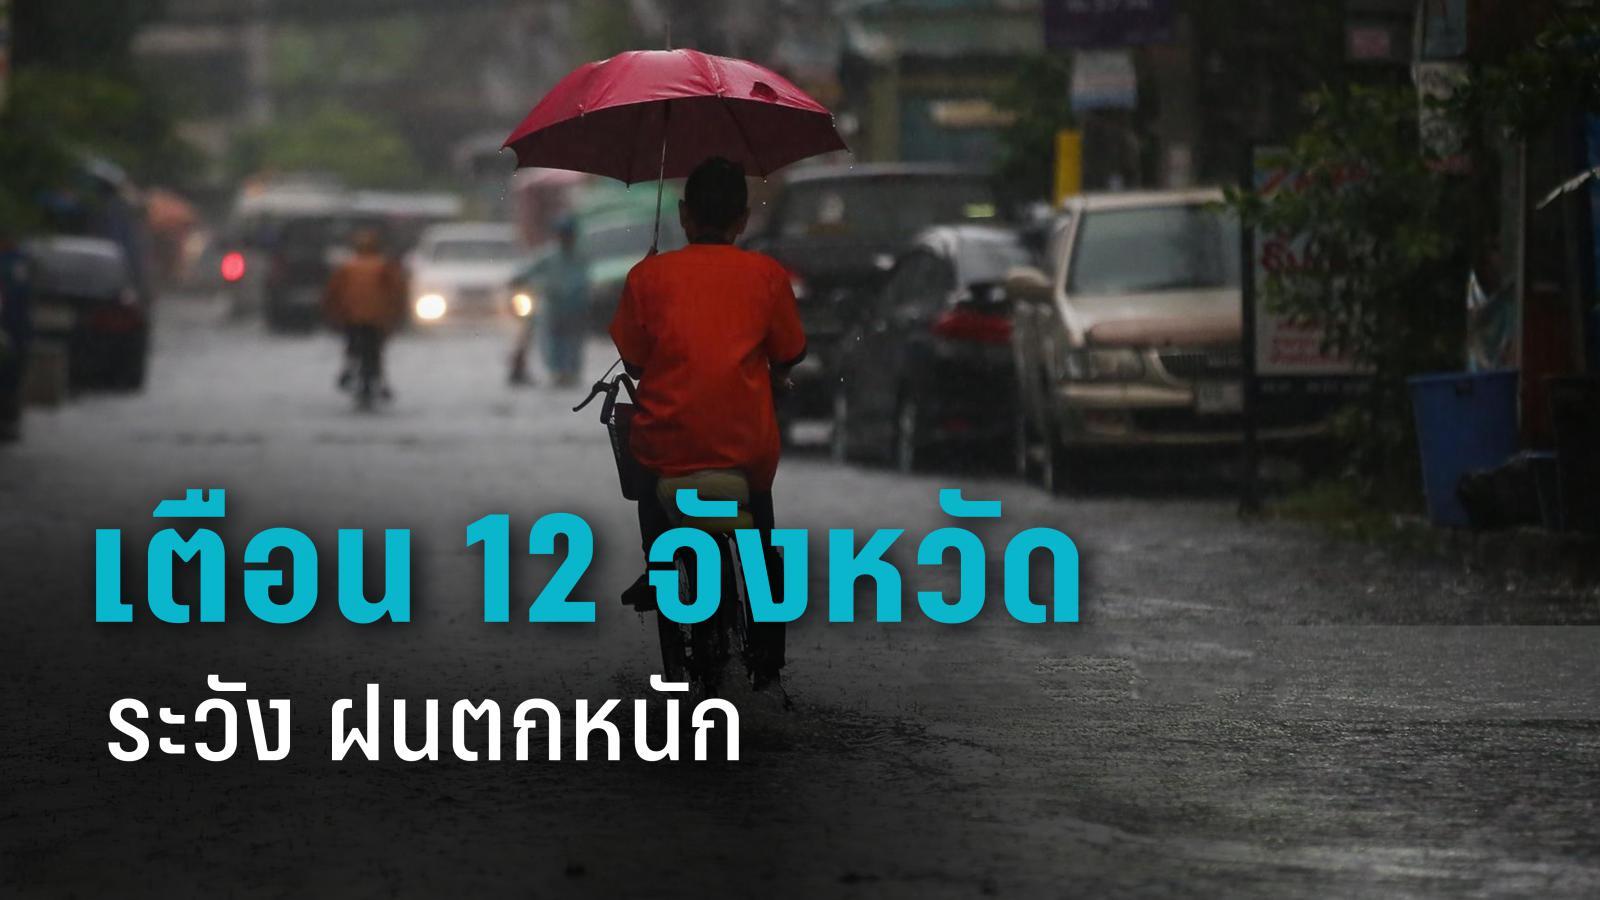 อุตุฯ เตือนใต้ 12 จังหวัด ระวังฝนตกหนัก - คลื่นลมแรง